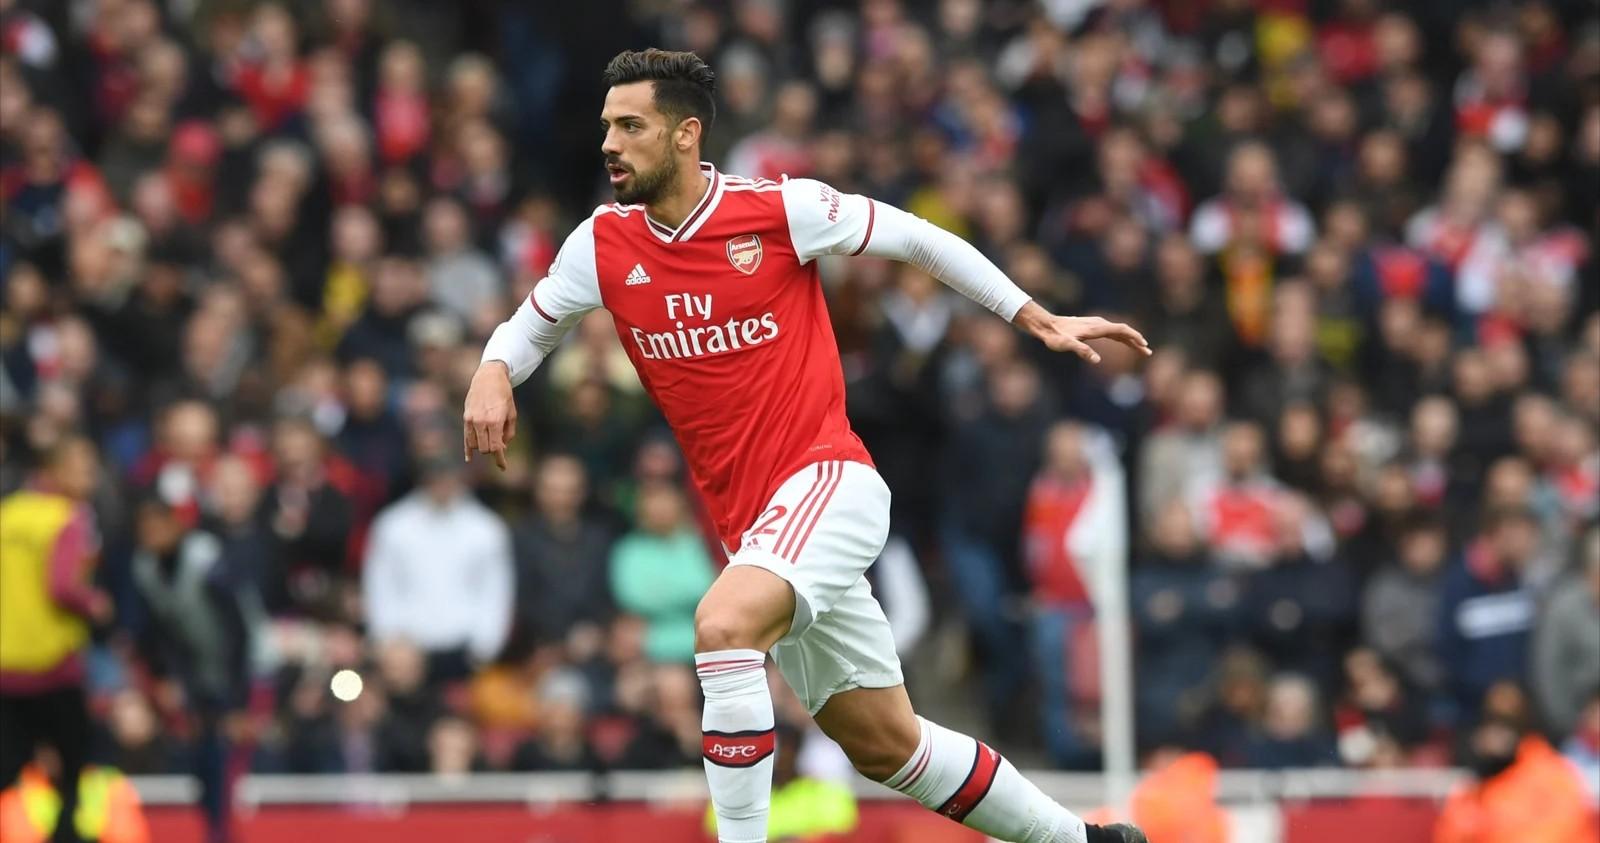 Lộ diện tân binh đầu tiên của Arsenal trong mùa Hè - Bóng Đá